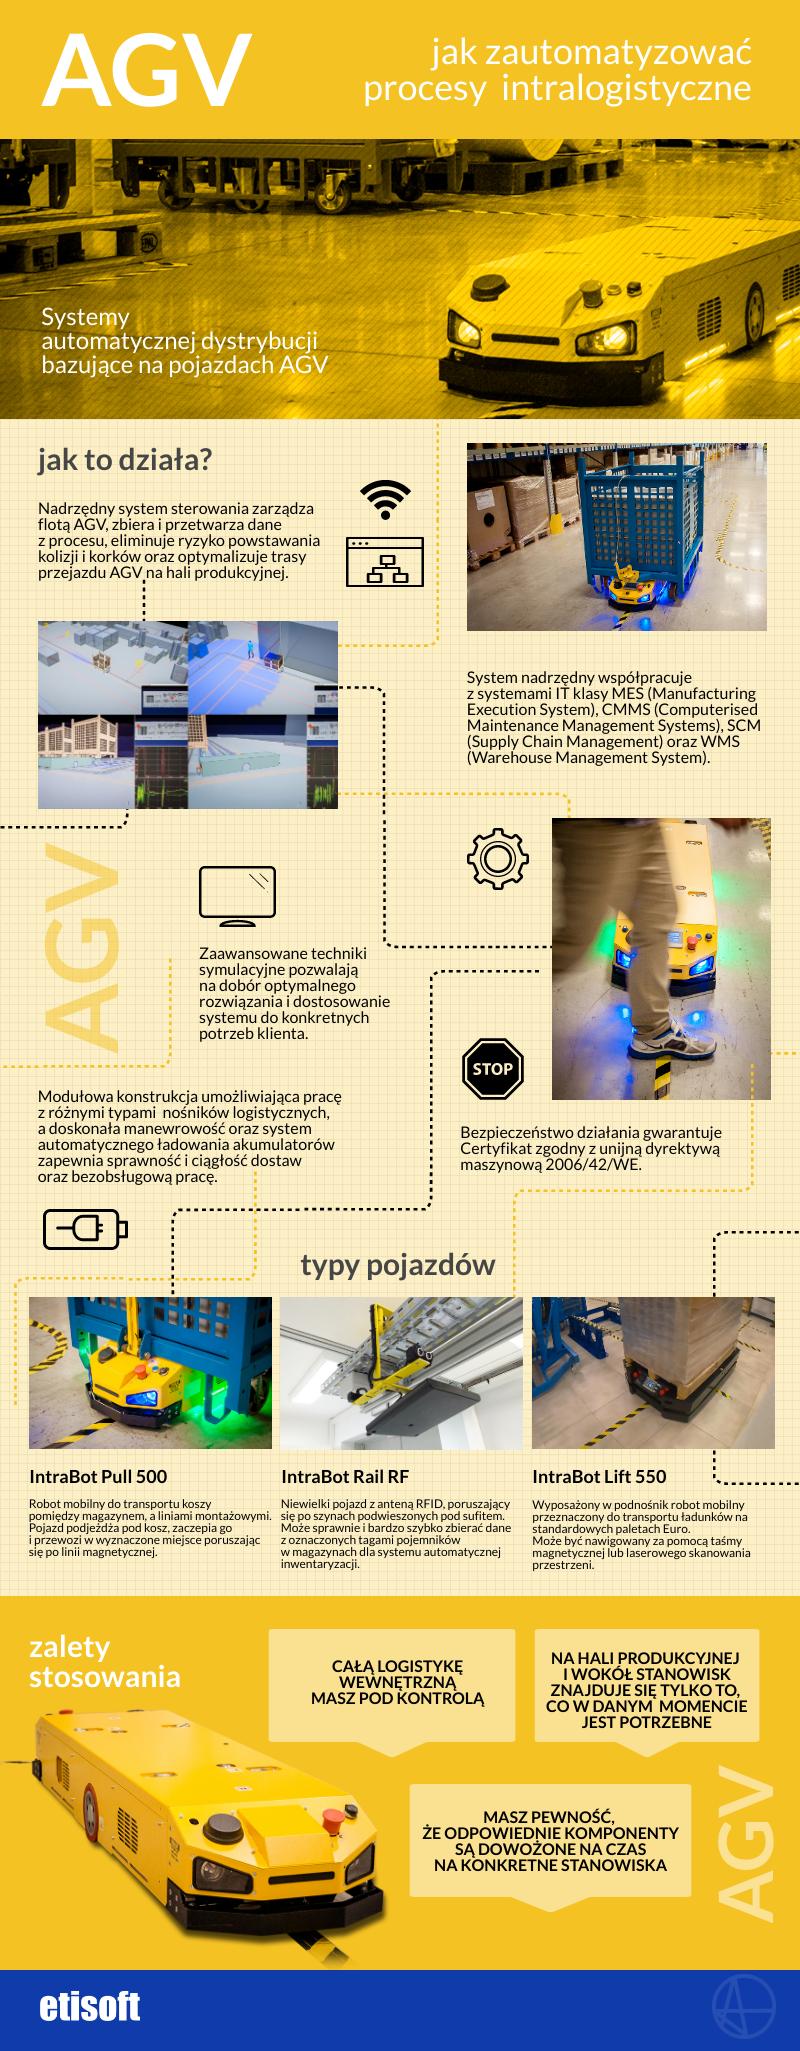 roboty mobilne AGV